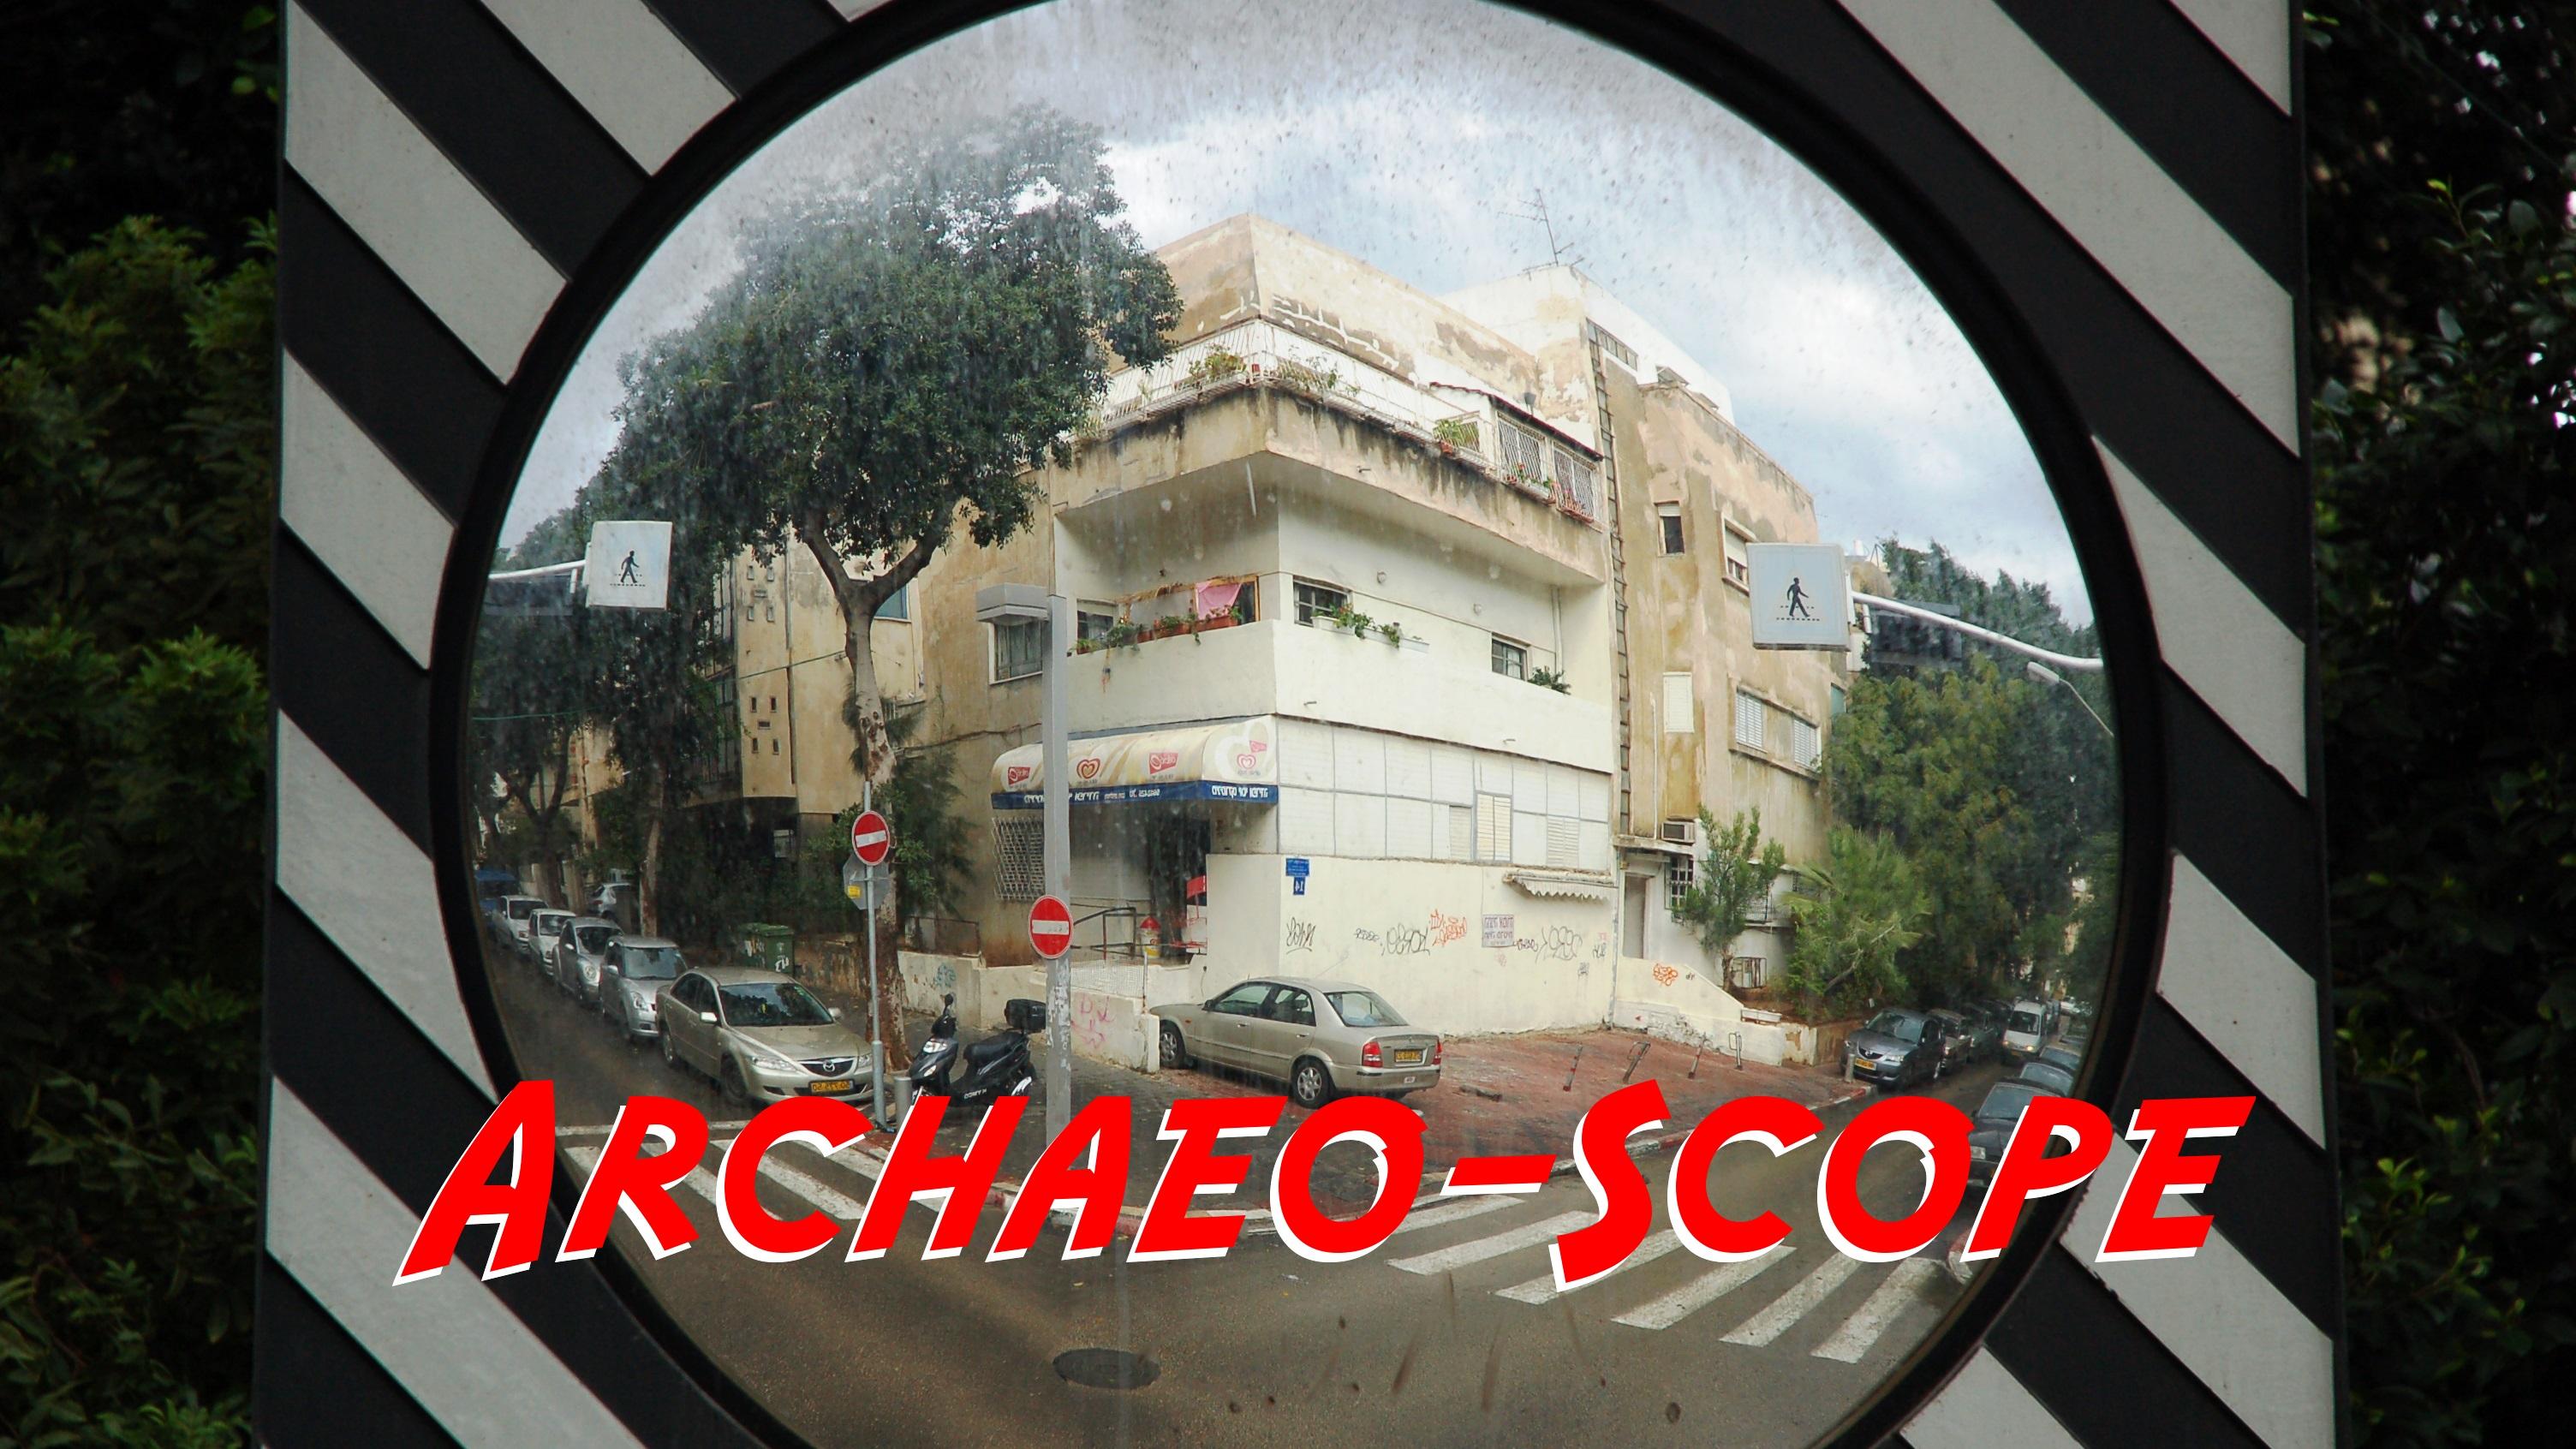 archaeoscope